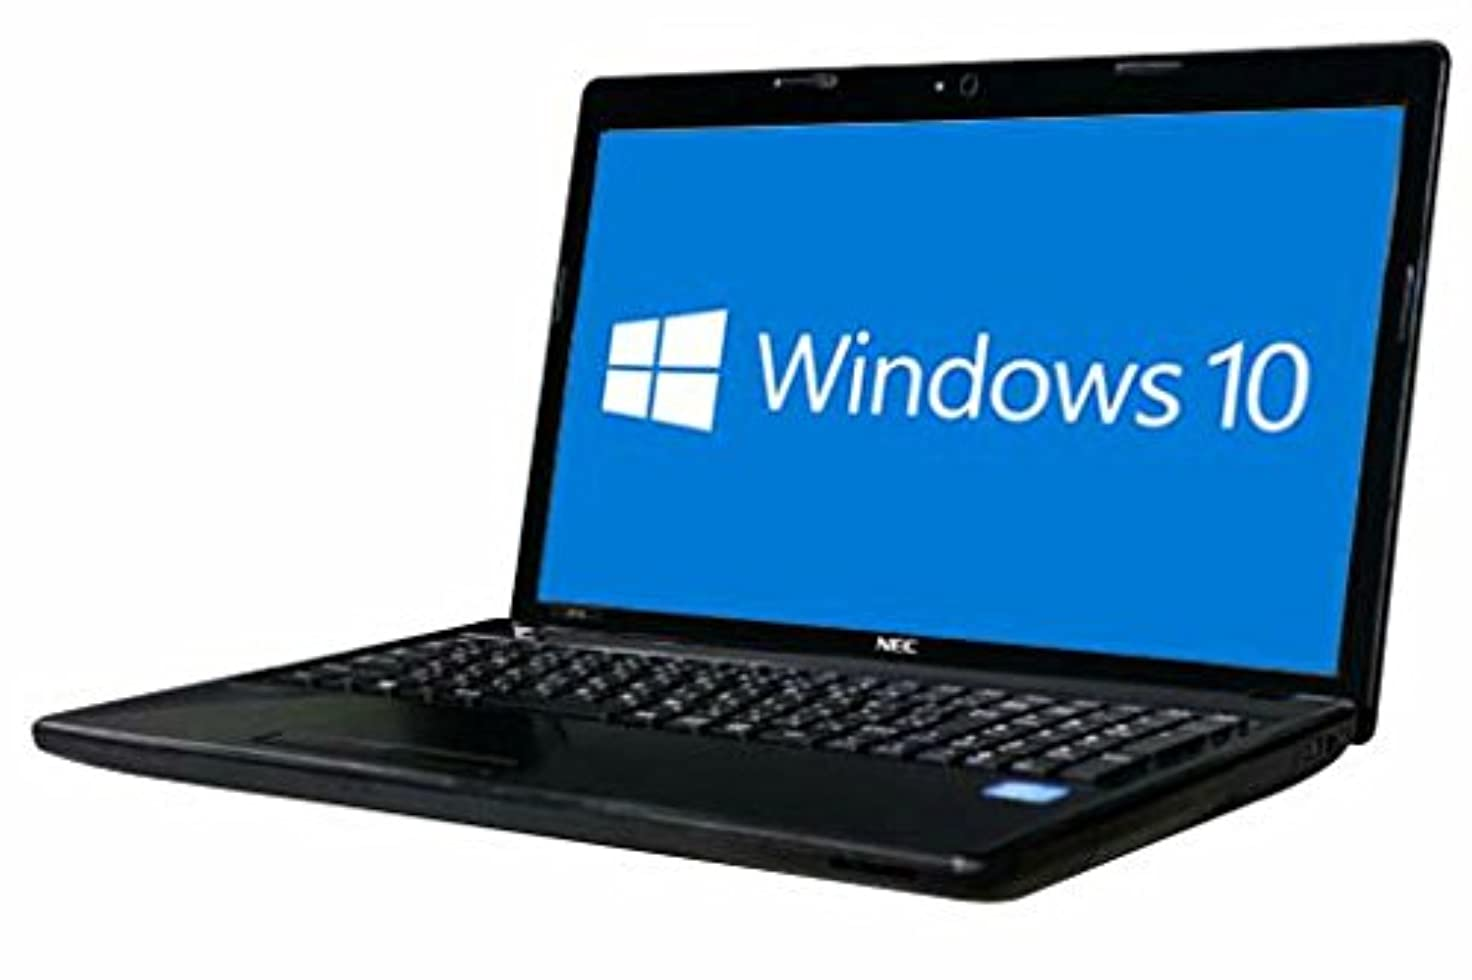 圧倒的気性ごめんなさい中古 NEC ノートパソコン VersaPro JVF-F Windows10 64bit搭載 webカメラ搭載 HDMI端子搭載 テンキー付 Core i3-2328M搭載 メモリー4GB搭載 HDD320GB搭載 DVDマルチ搭載